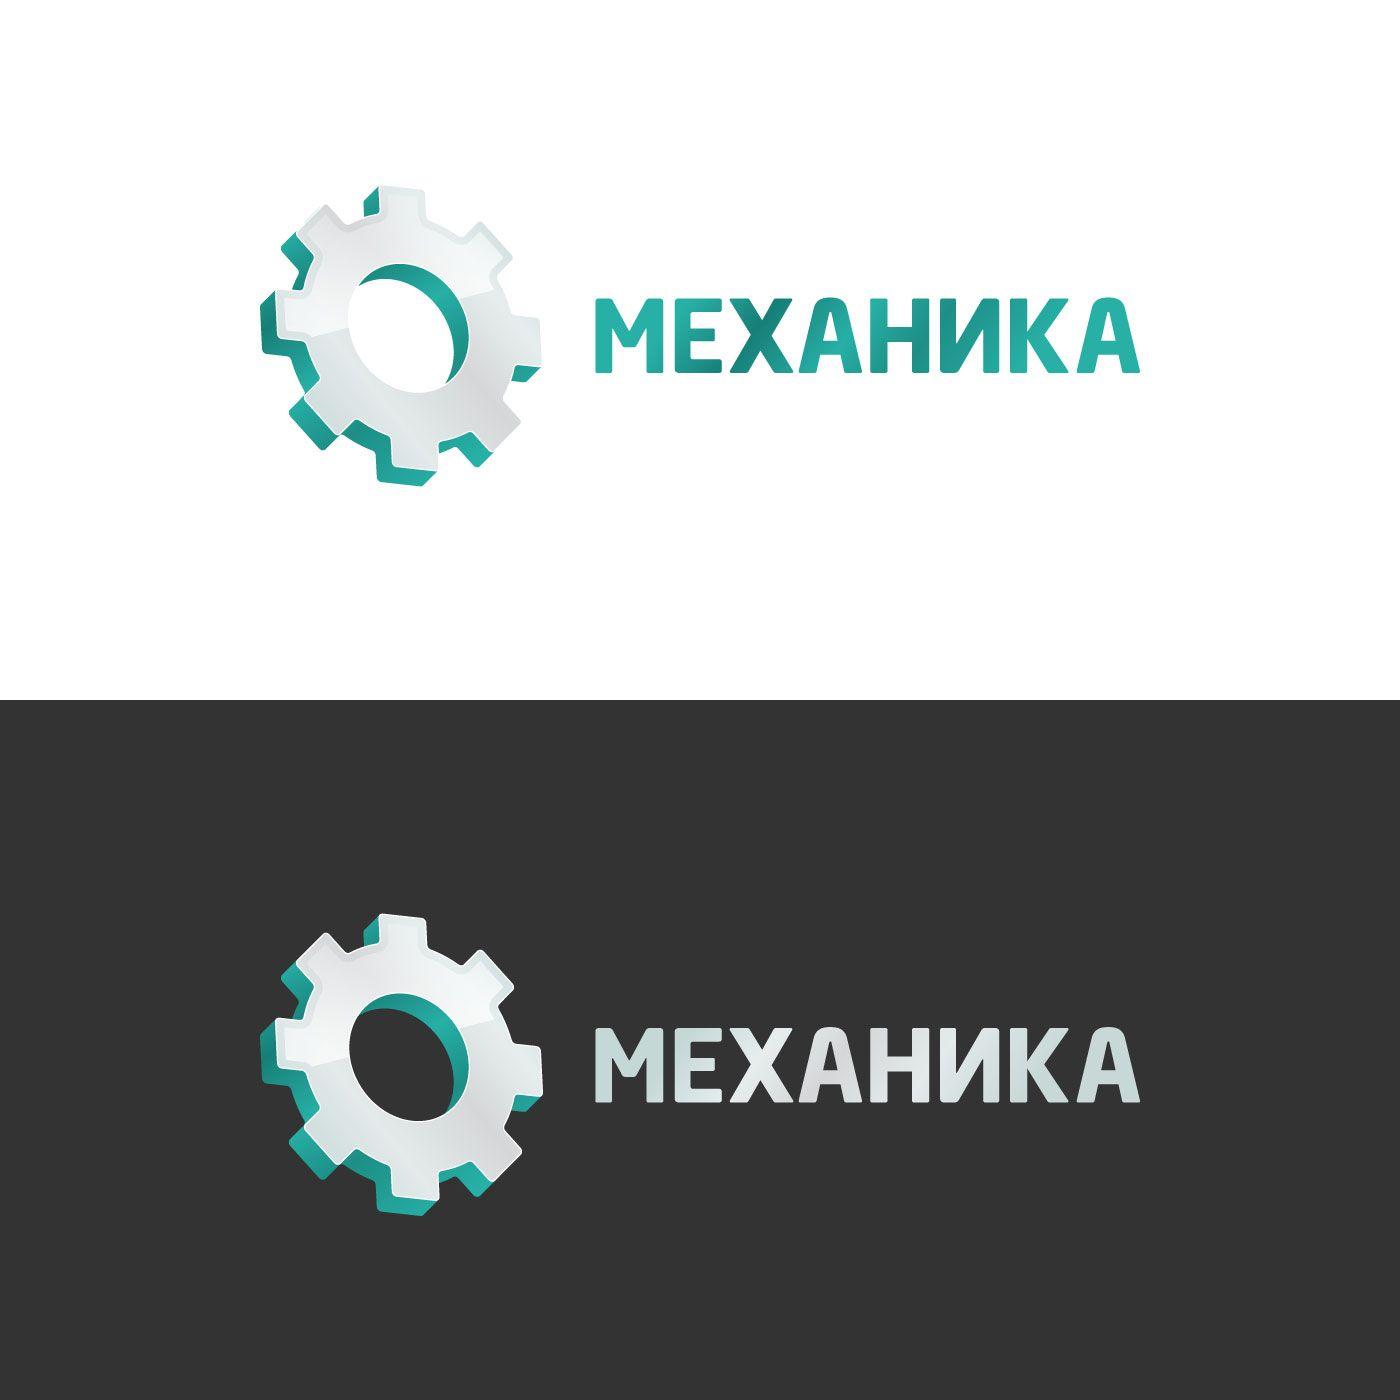 Логотип для магазина автозапчасти 'Механика' - дизайнер rikozi